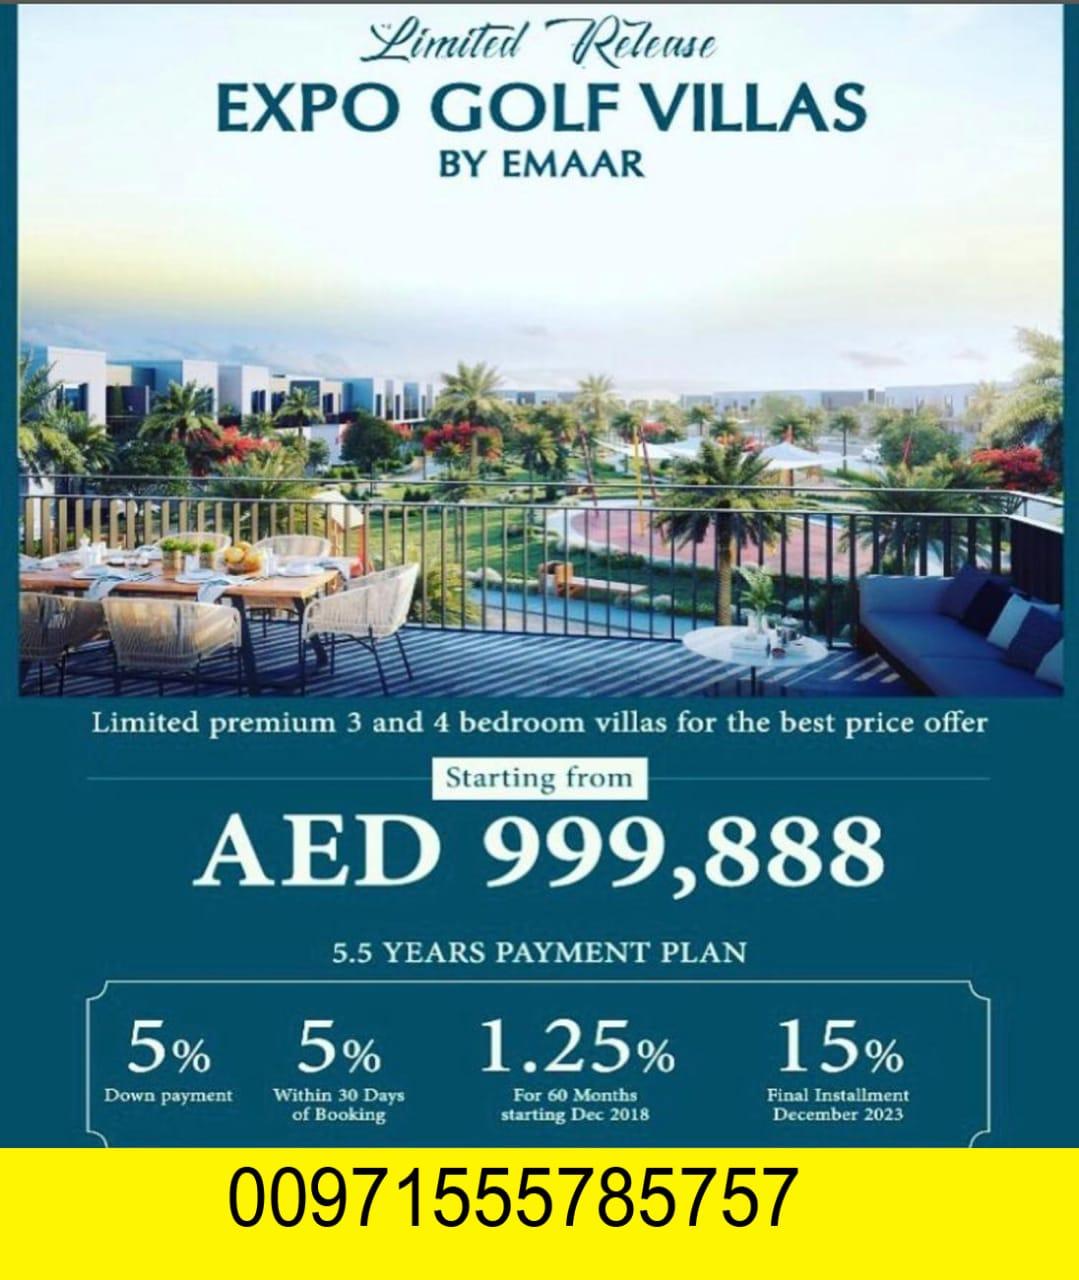 فلل للبيع في دبي بسعر مميز P_1277ag4lt1